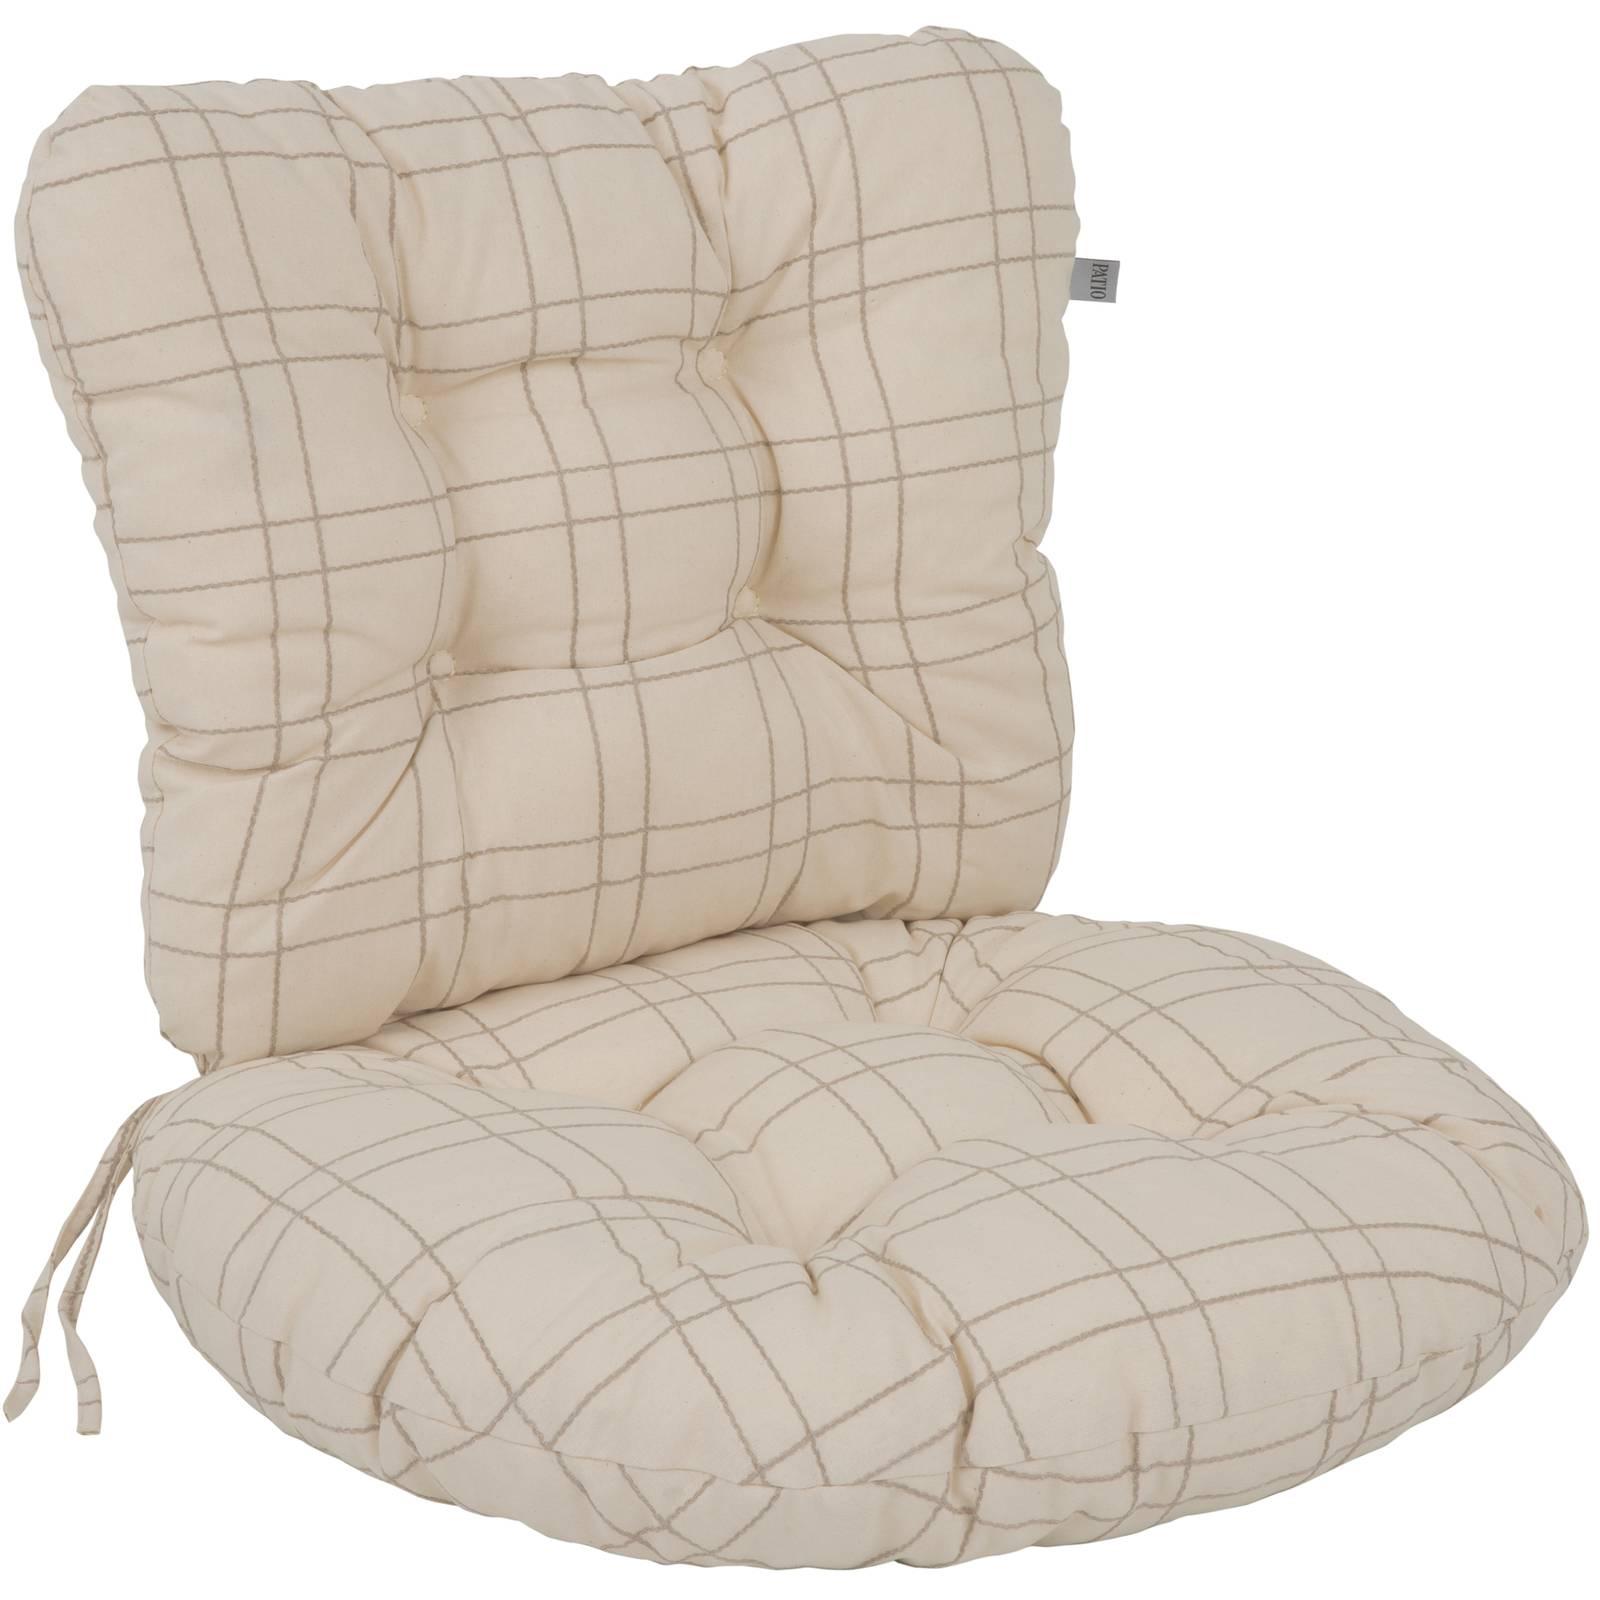 Poduszki na fotel 55 cm Marocco B007-15LB PATIO